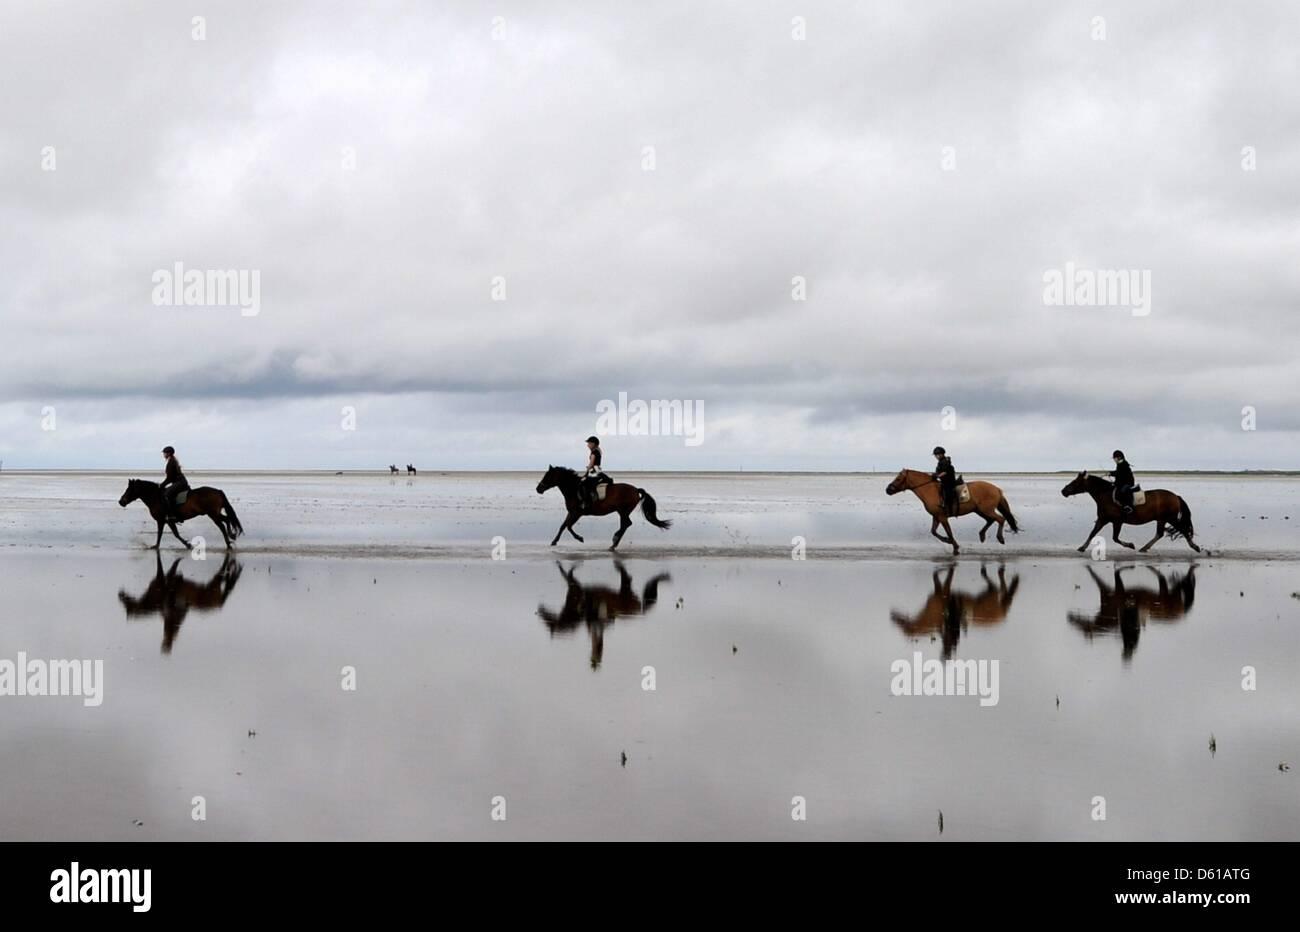 Archivo - Un archivo de imagen de fecha 13 de agosto de 2011 muestra un grupo de jinetes galopando en la playa de Foto de stock